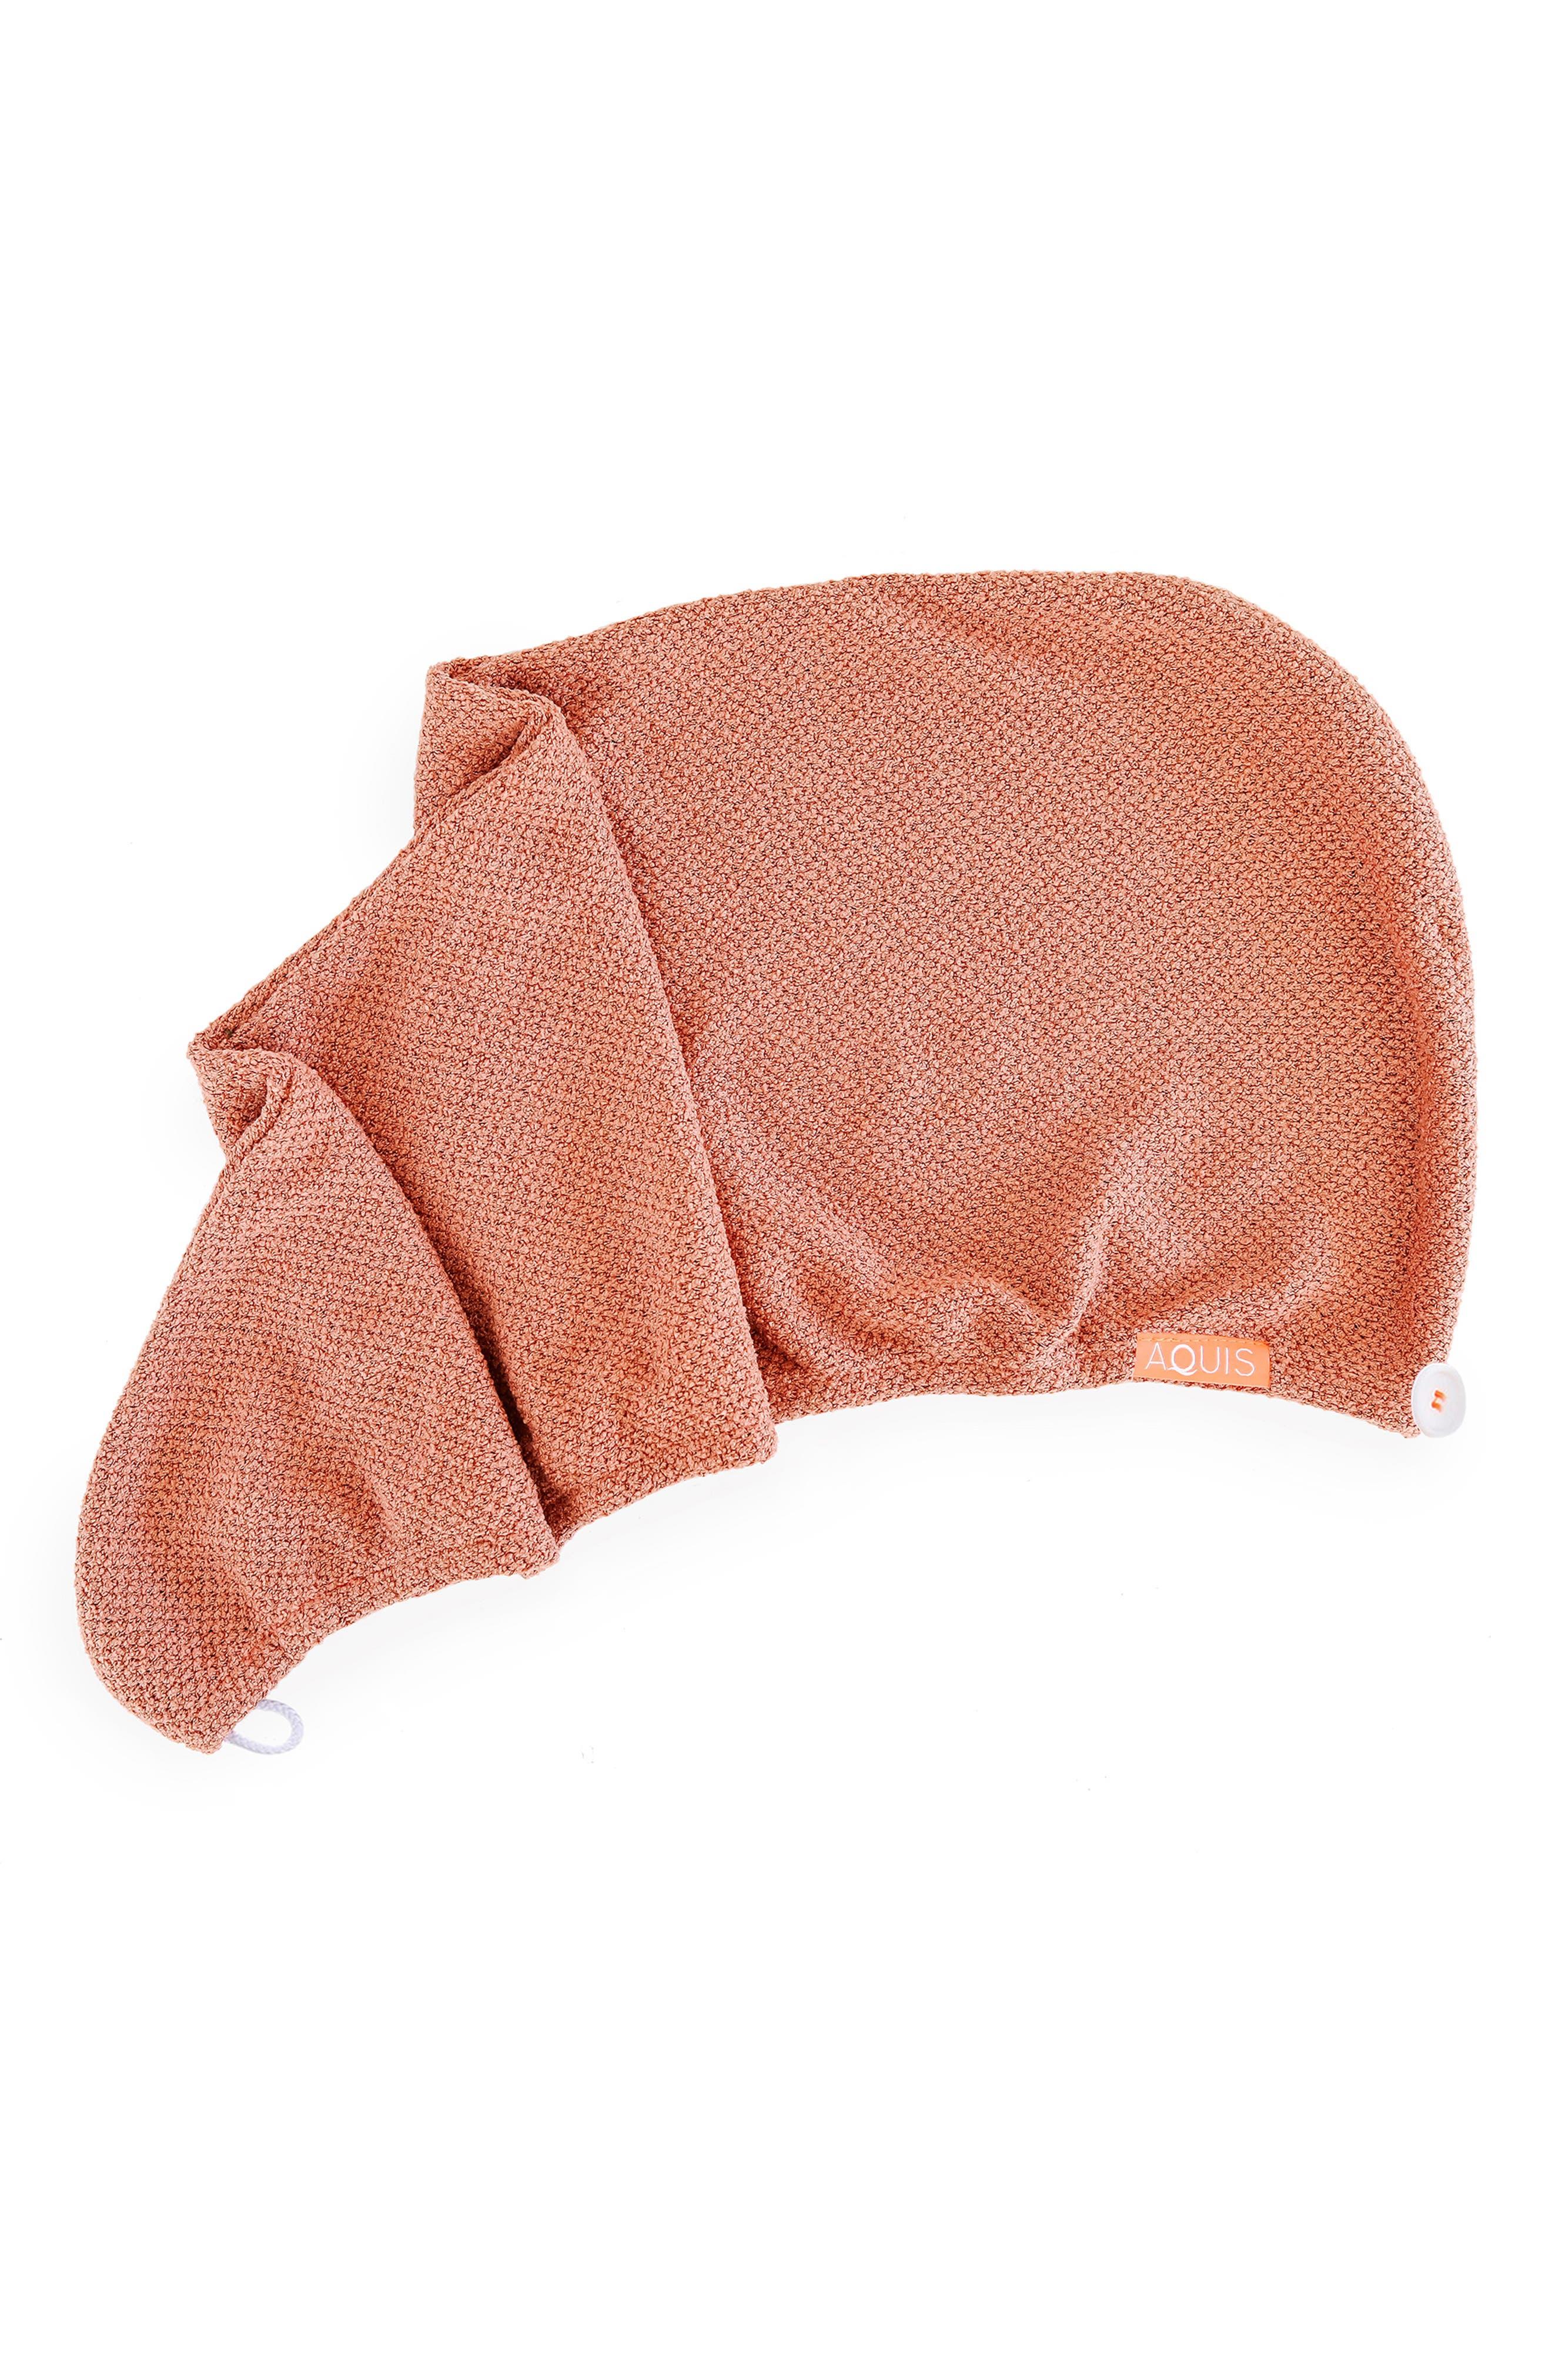 Copper Sure Rapid Dry Hair Wrap